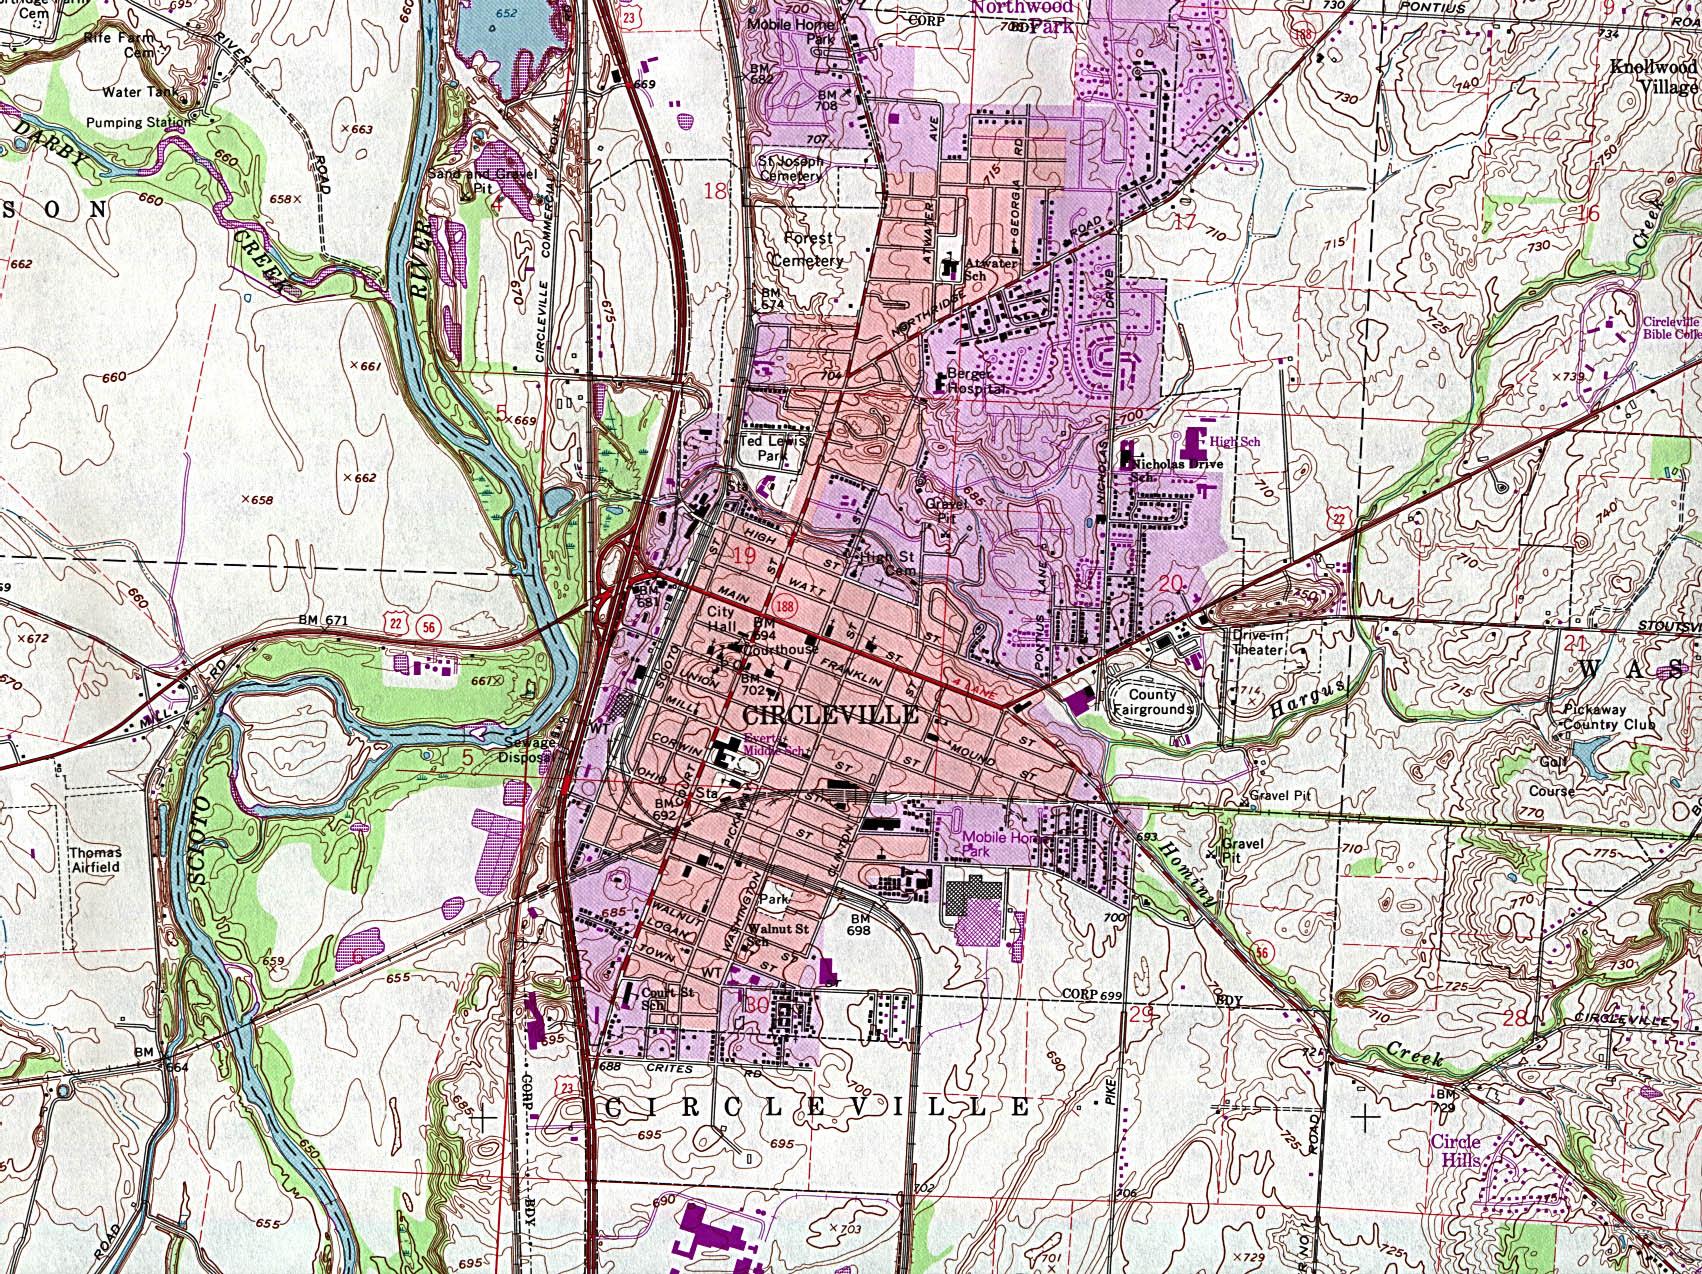 Mapa Topográfico de la Ciudad de Circleville, Ohio, Estados Unidos